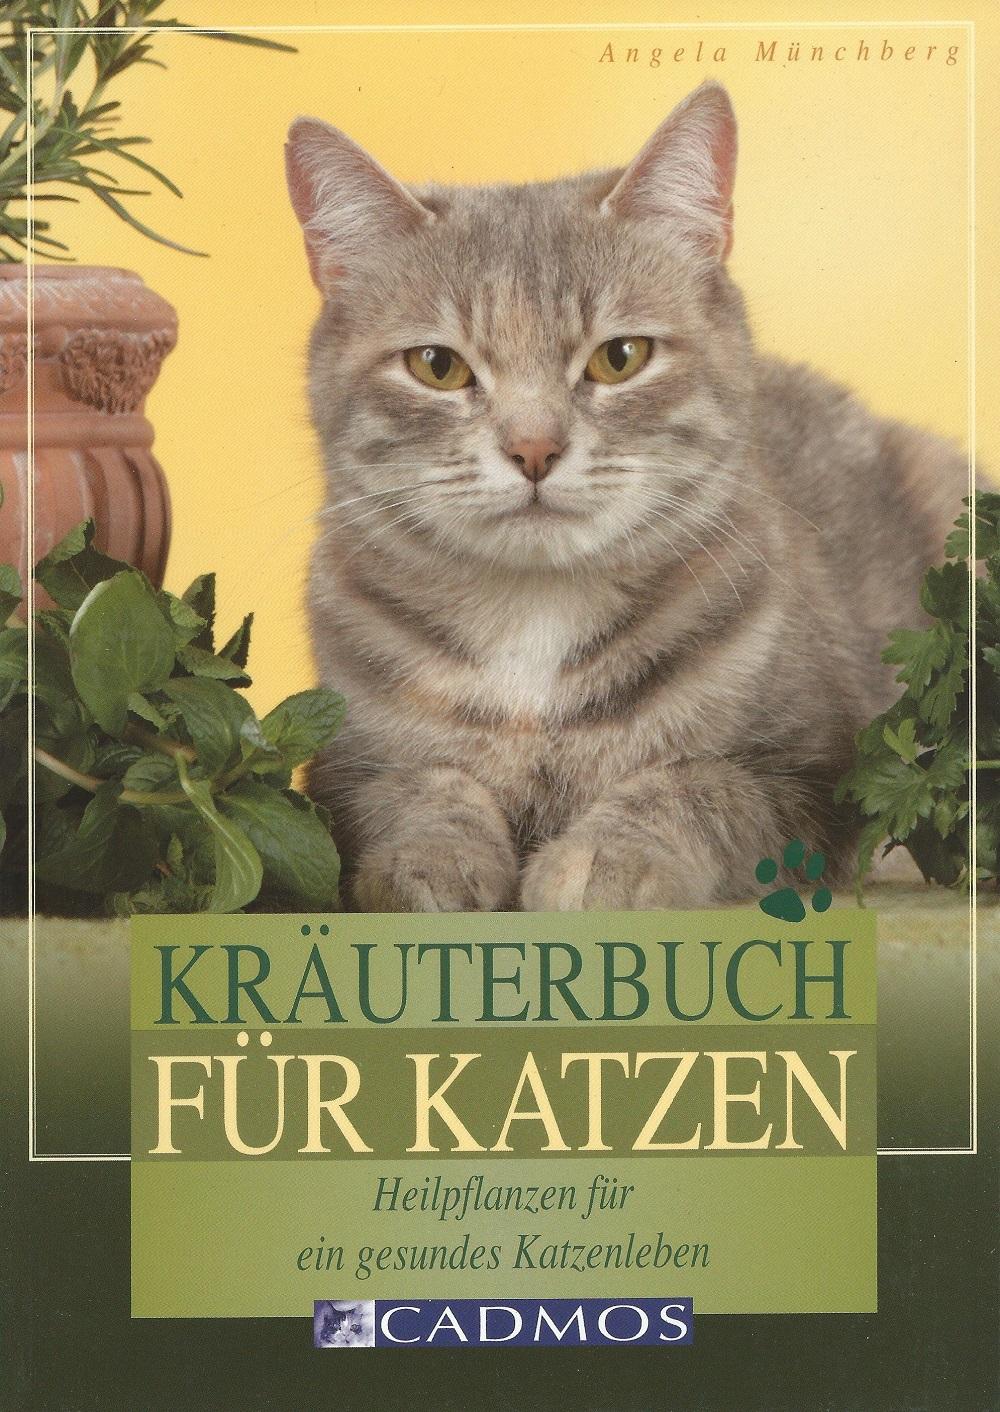 Angela Münchberg - Kräuterbuch für Katzen - Mängelexemplar